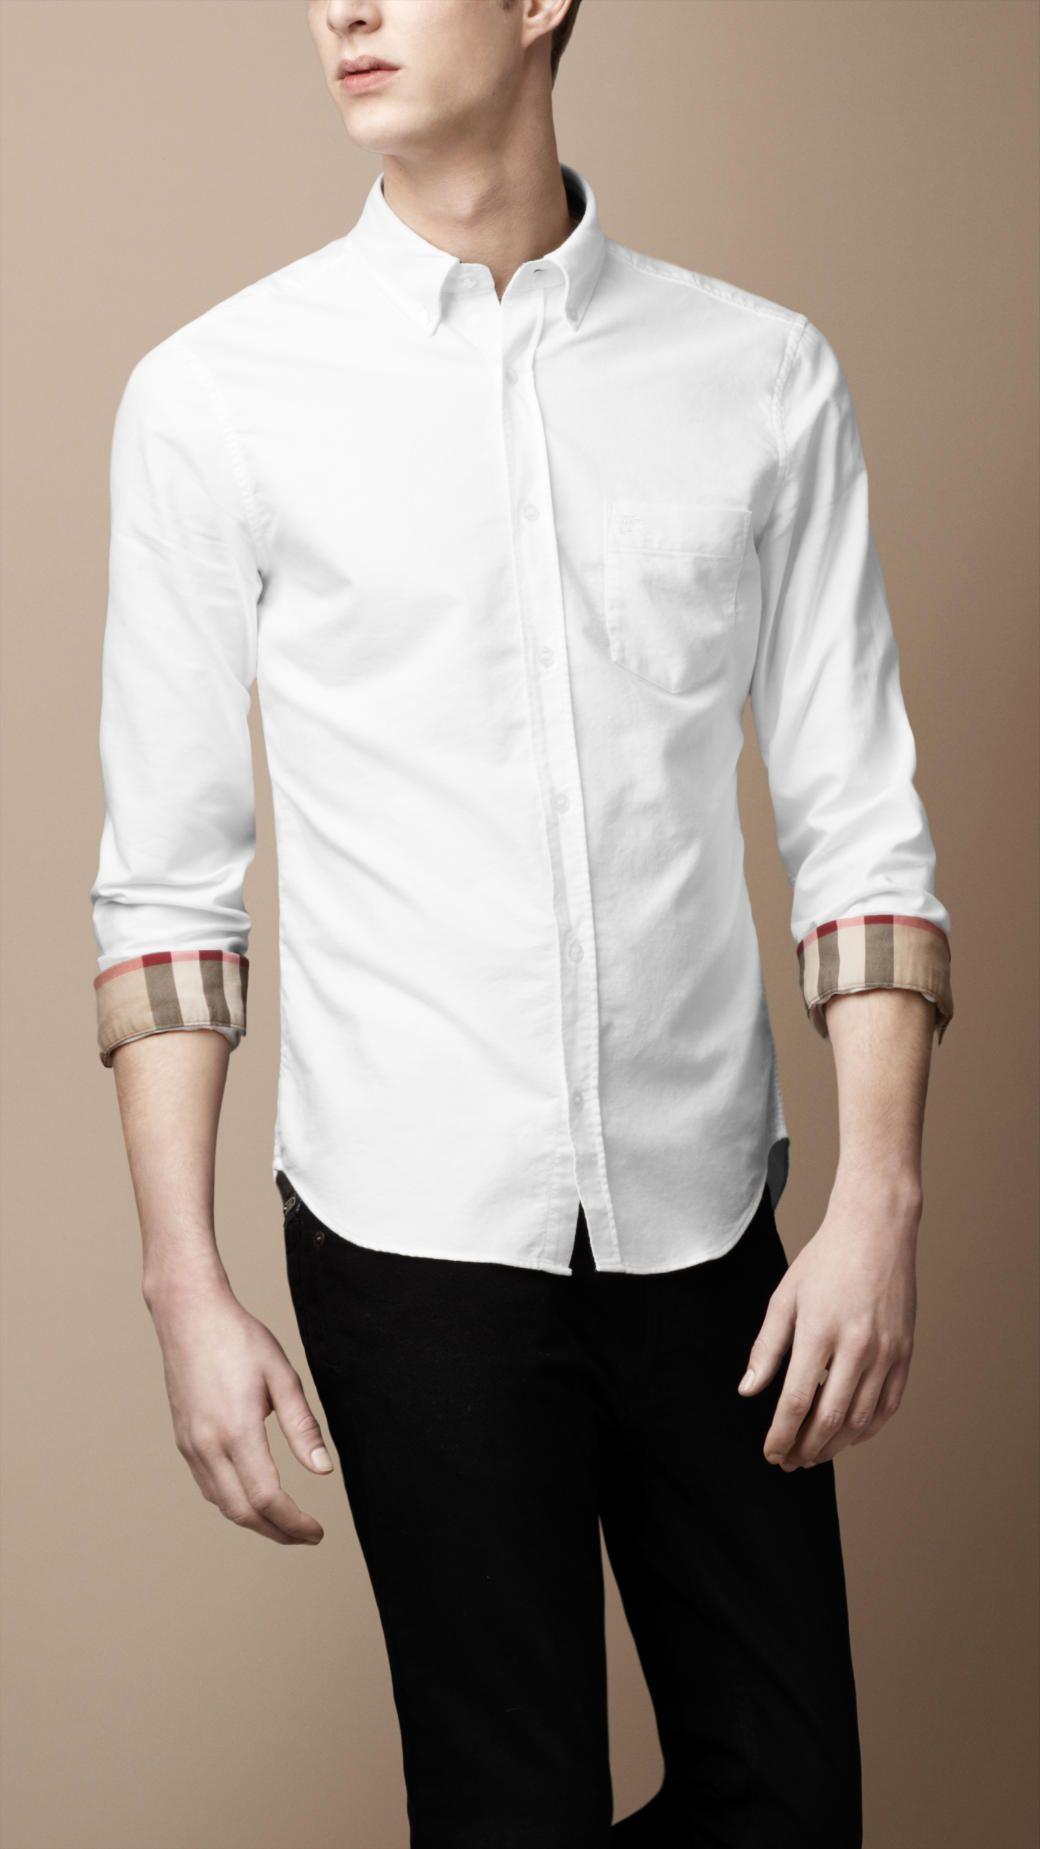 Button-Down Cotton Shirt   Burberry   Clothes Acessories   Pinterest ... c3fee32ecc89